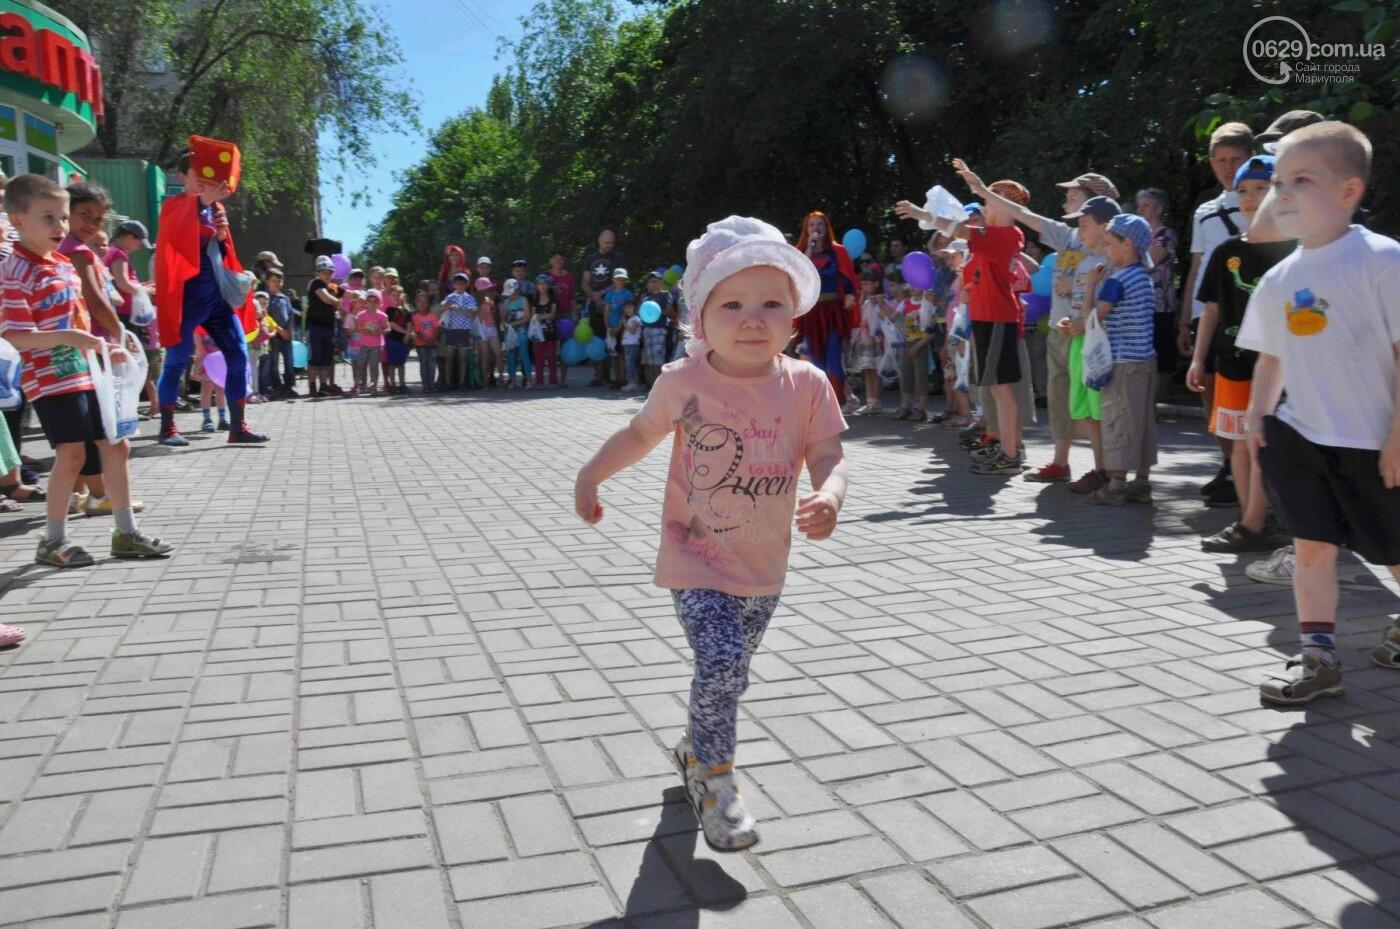 В аптеке «Азовфарм» провели праздник для детей и разыграли призы, фото-21